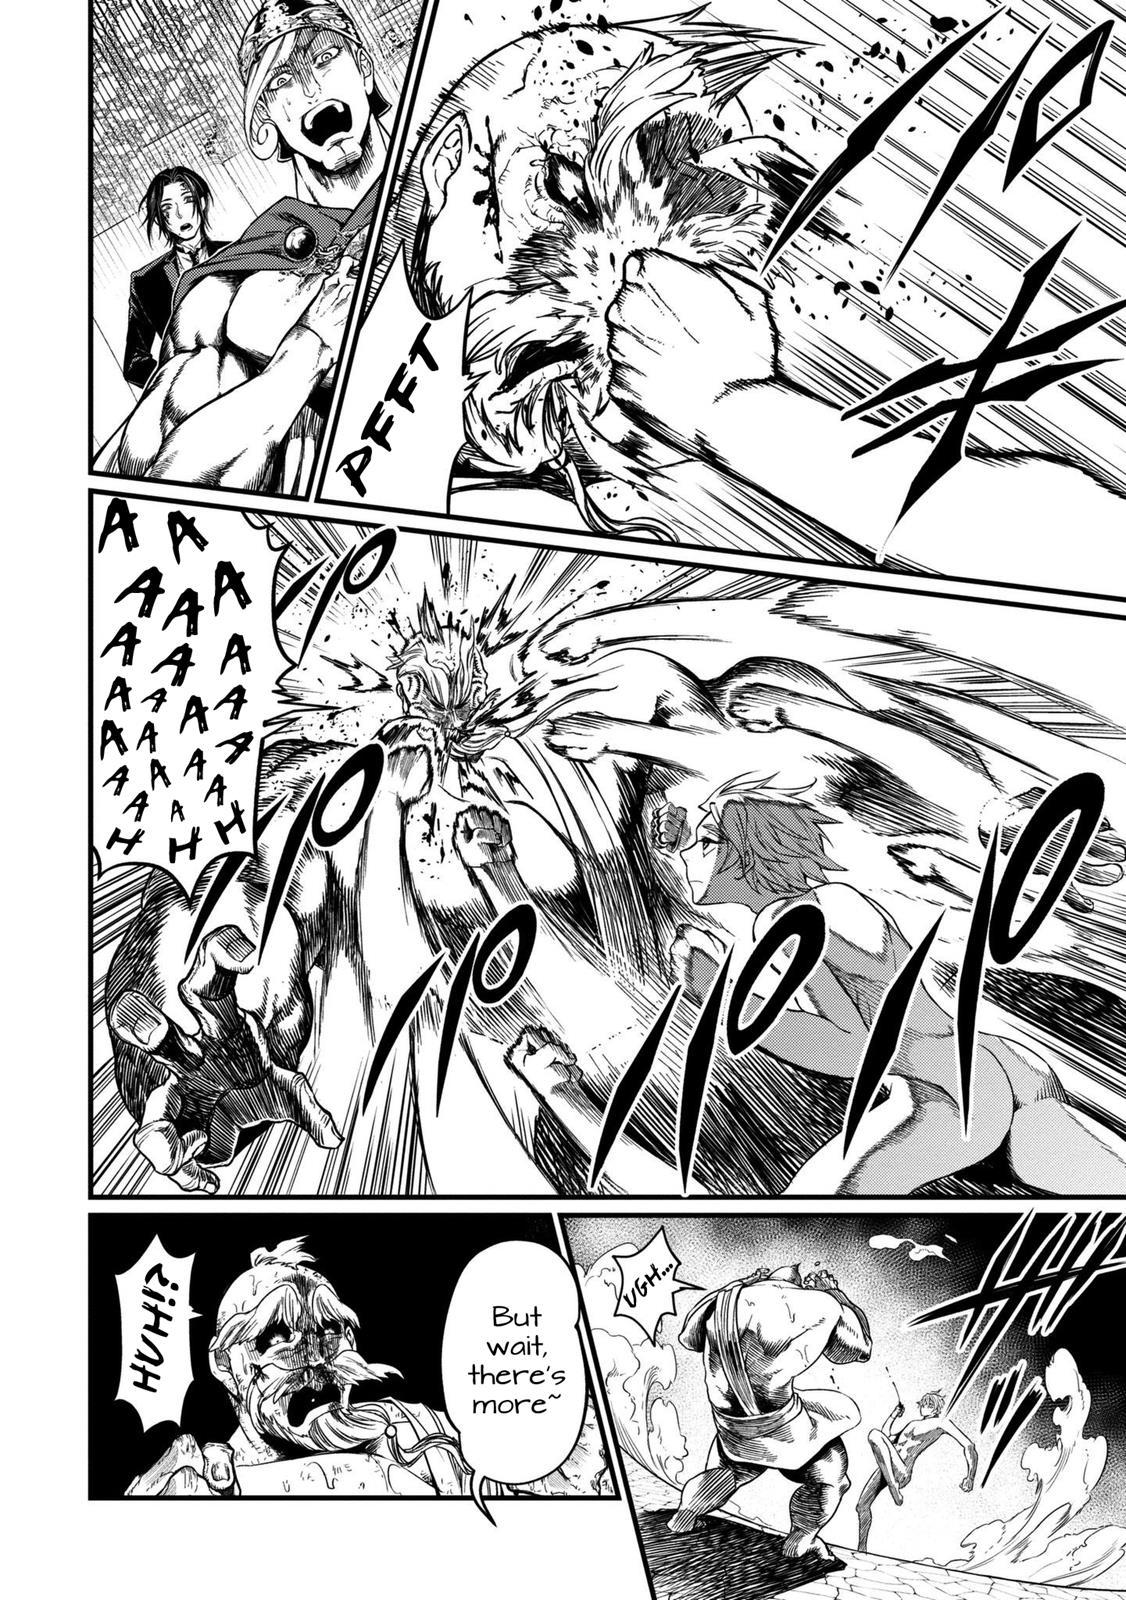 Shuumatsu no Valkyrie, Chapter 9 image 020